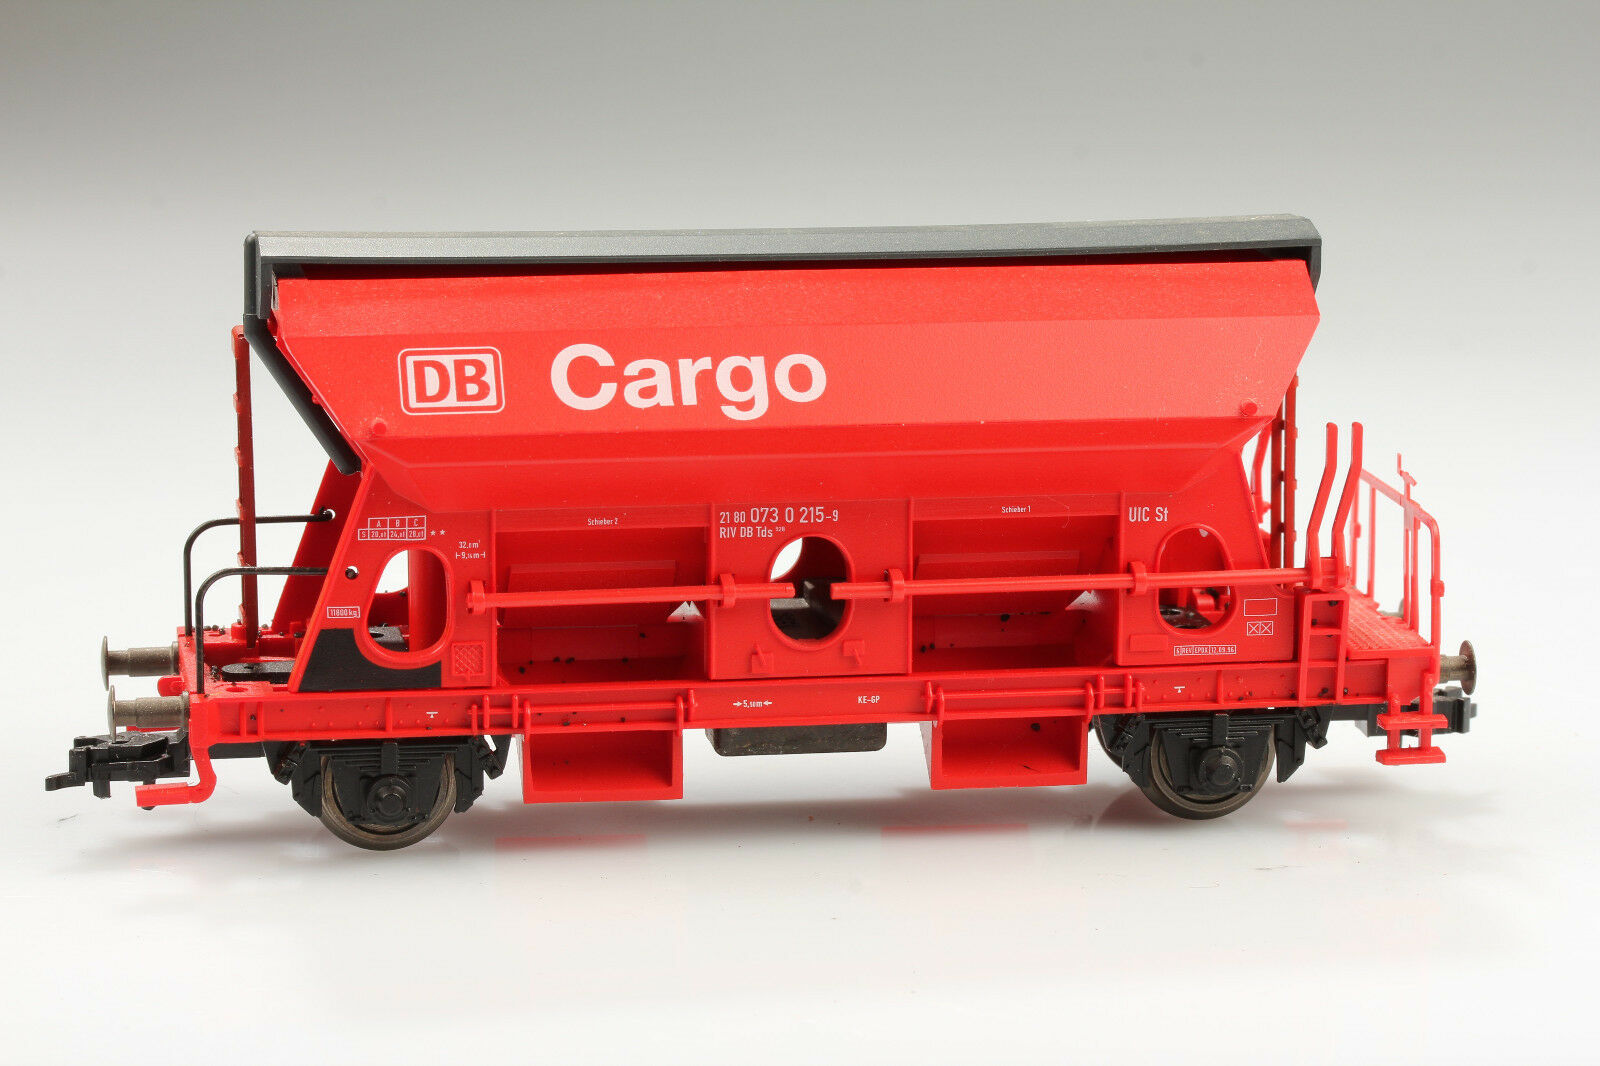 H0 Fleischmann Schüttgutwagen DB Cargo 073 0 215-9 Schmutz Kratzer ohne OVP